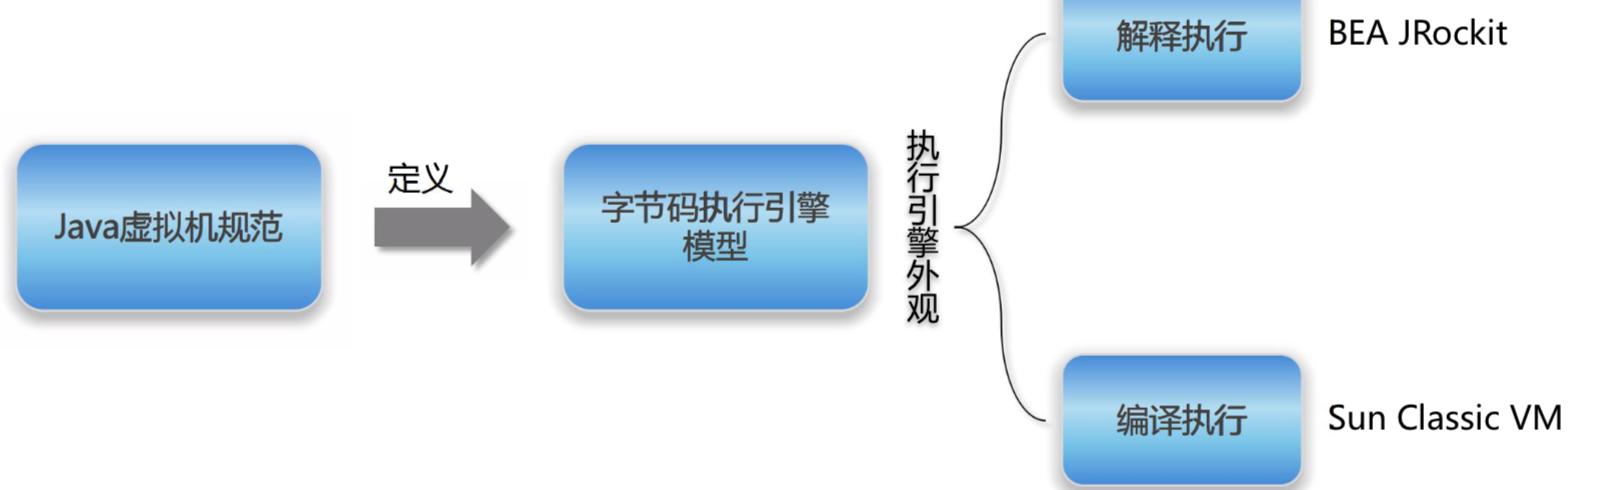 字节码执行引擎模型